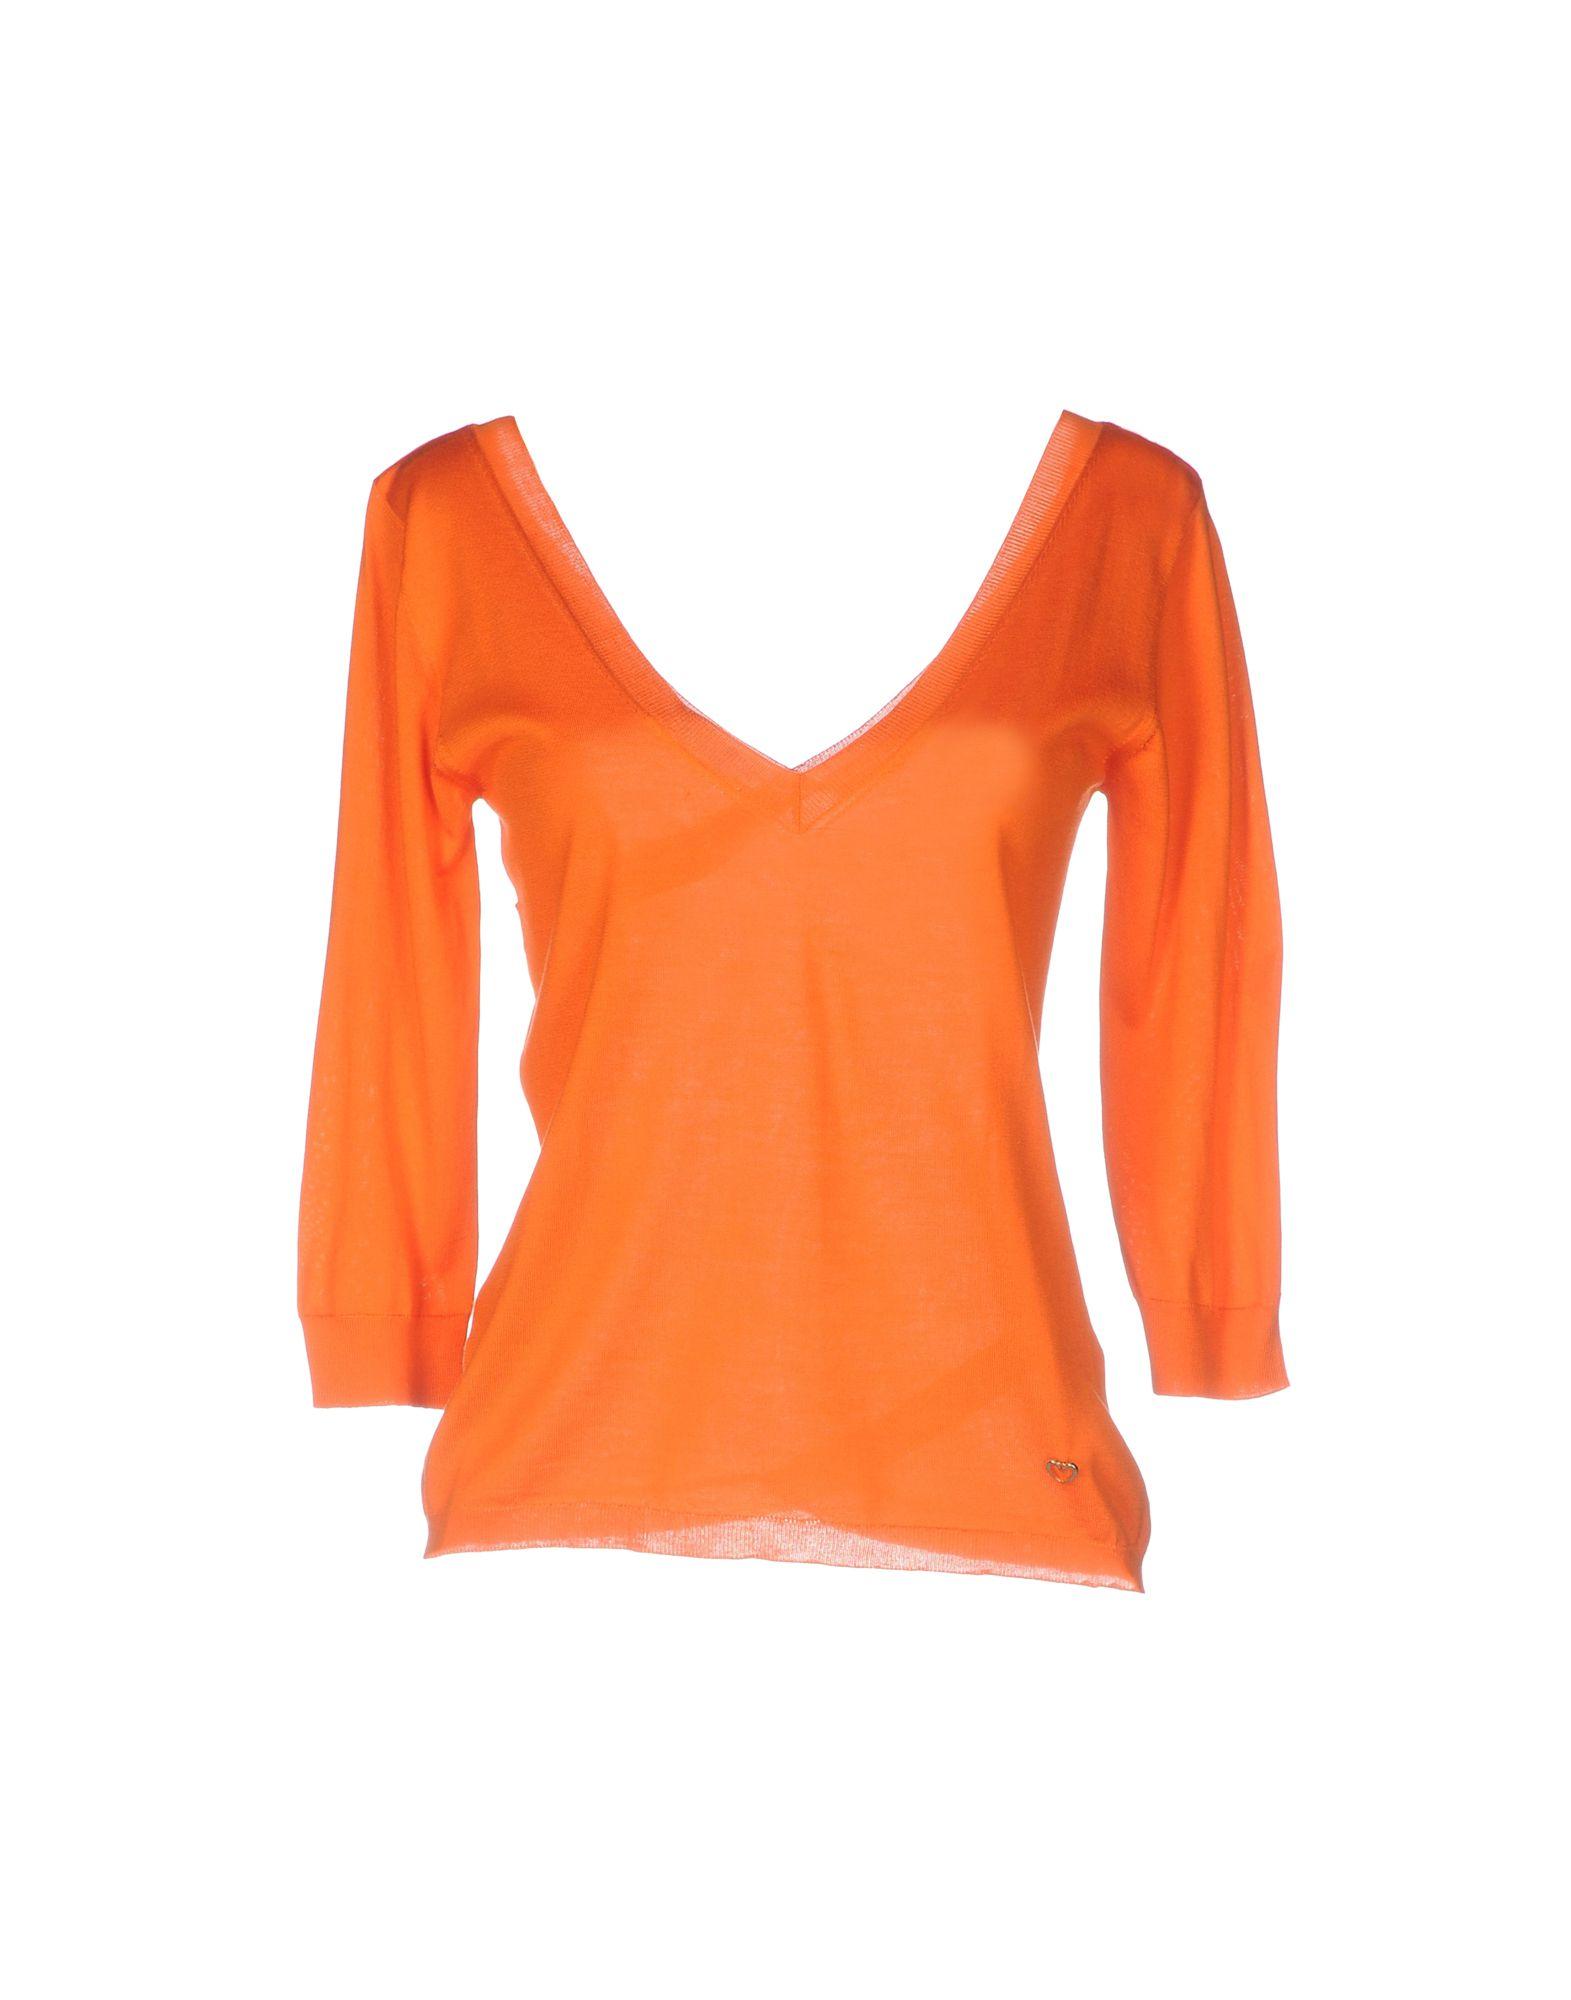 Pullover Cruciani Donna - Acquista online su TxG36Lyly